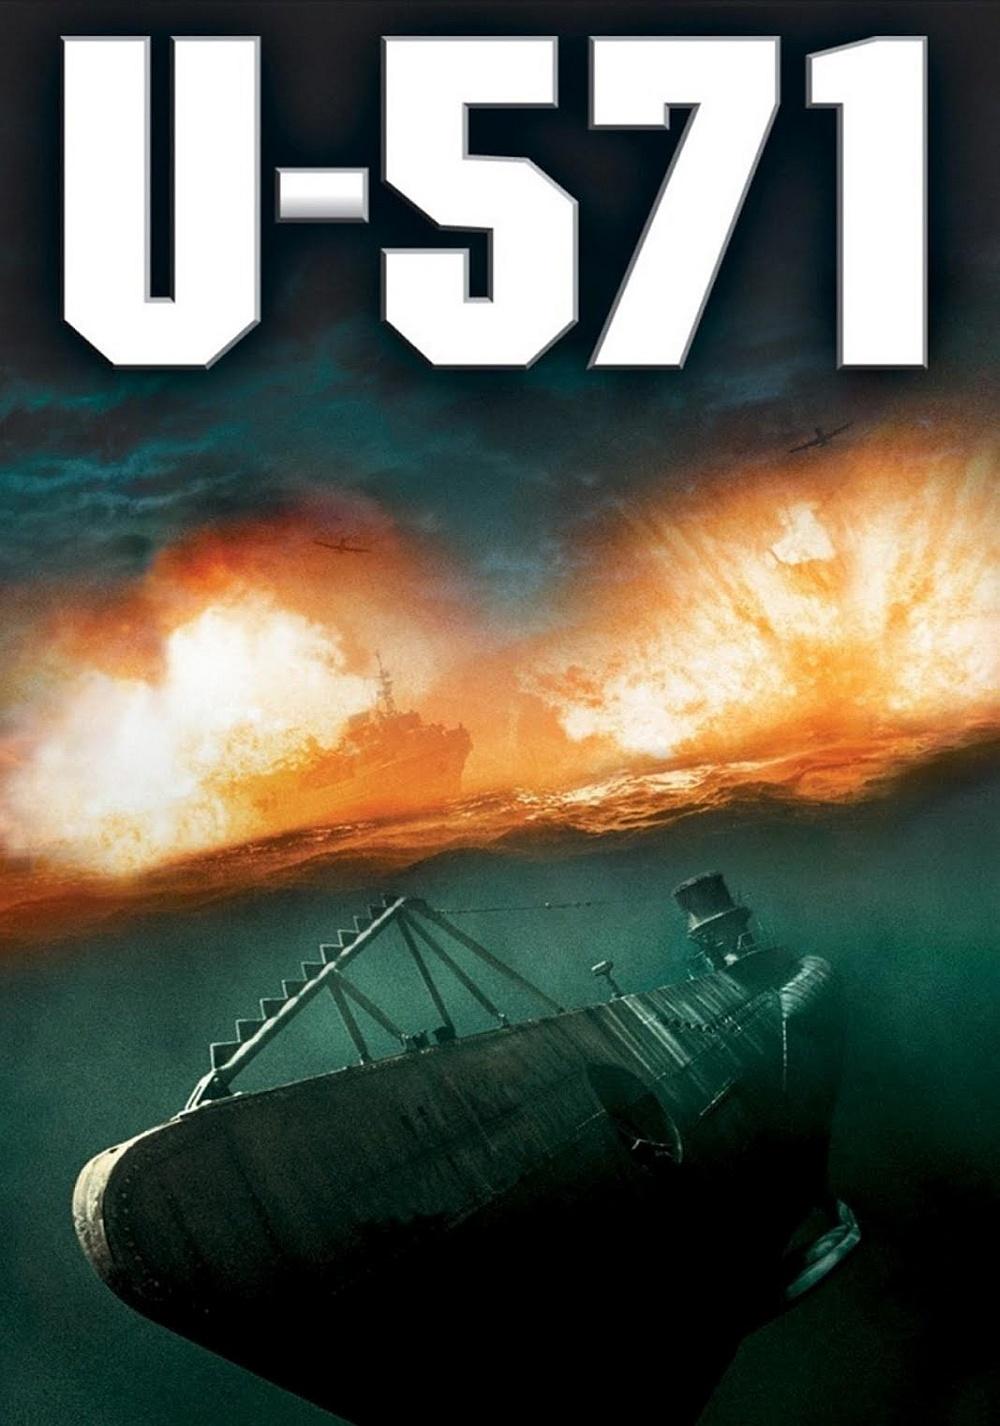 U-571 movie poster image